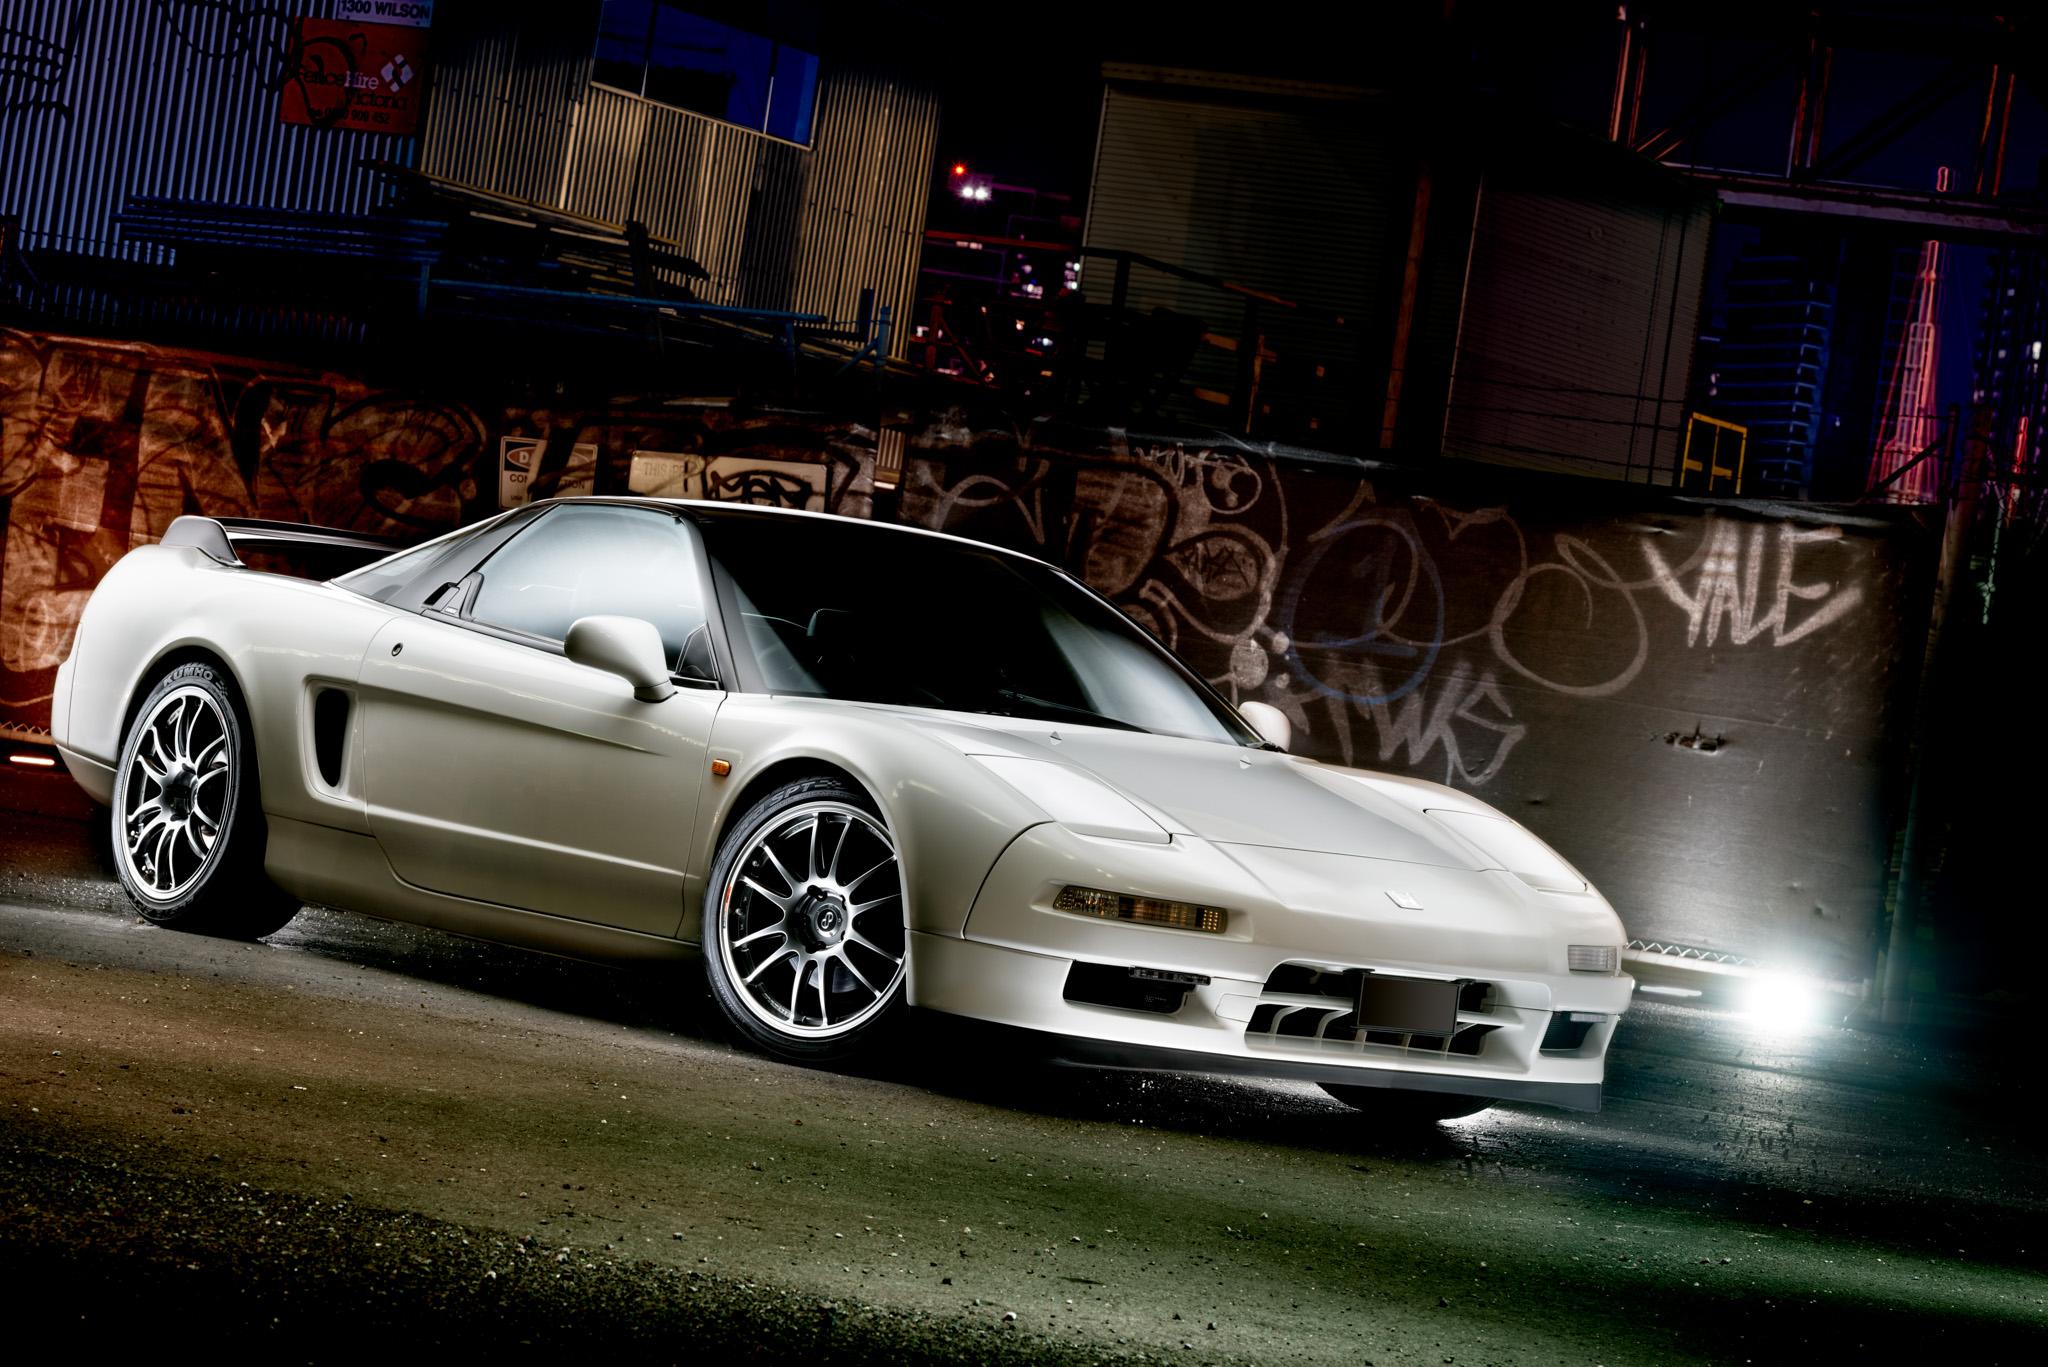 Light Painting - Honda NSX white